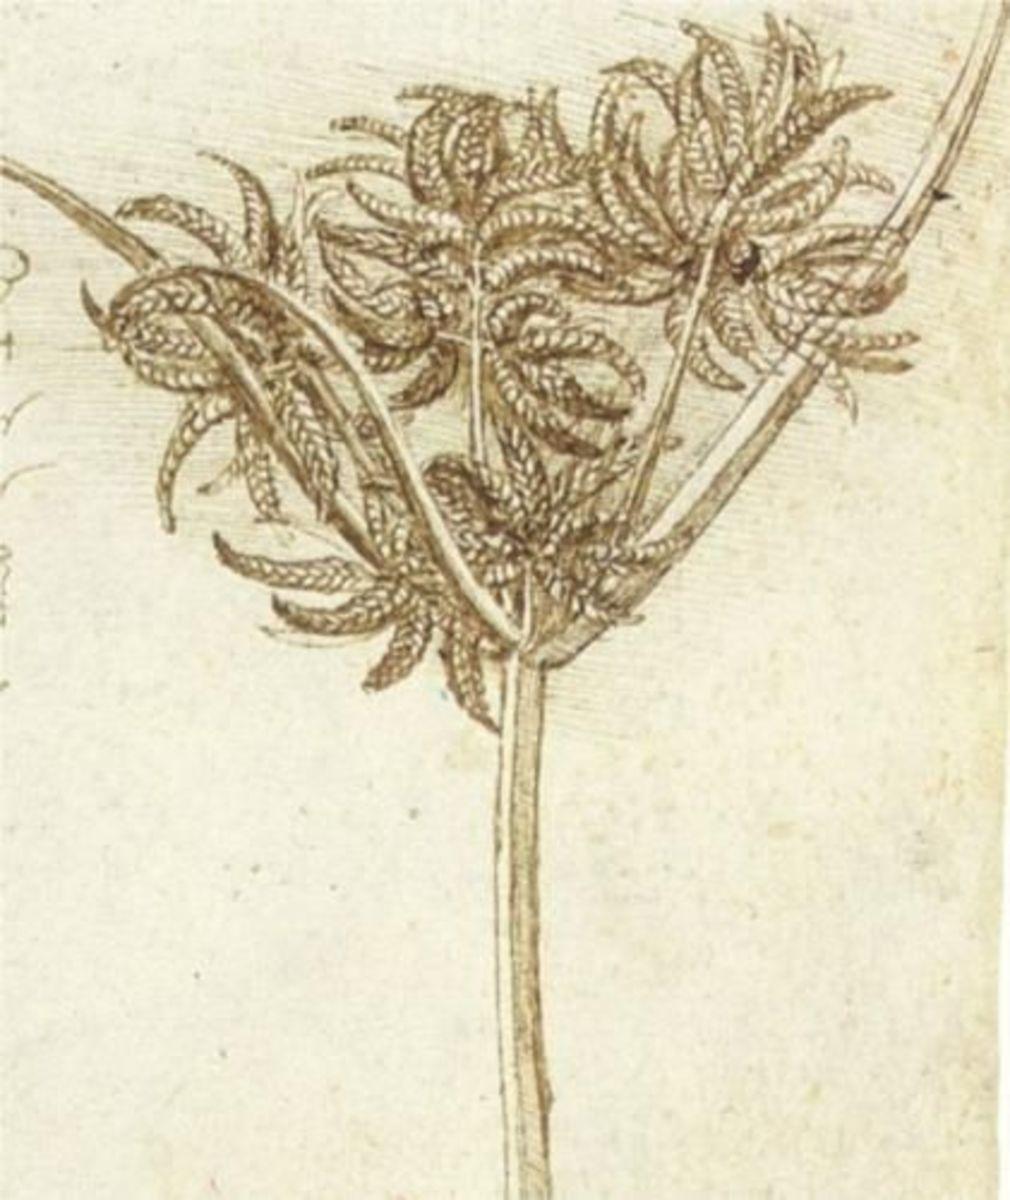 Sedge by Leonardo da Vinci